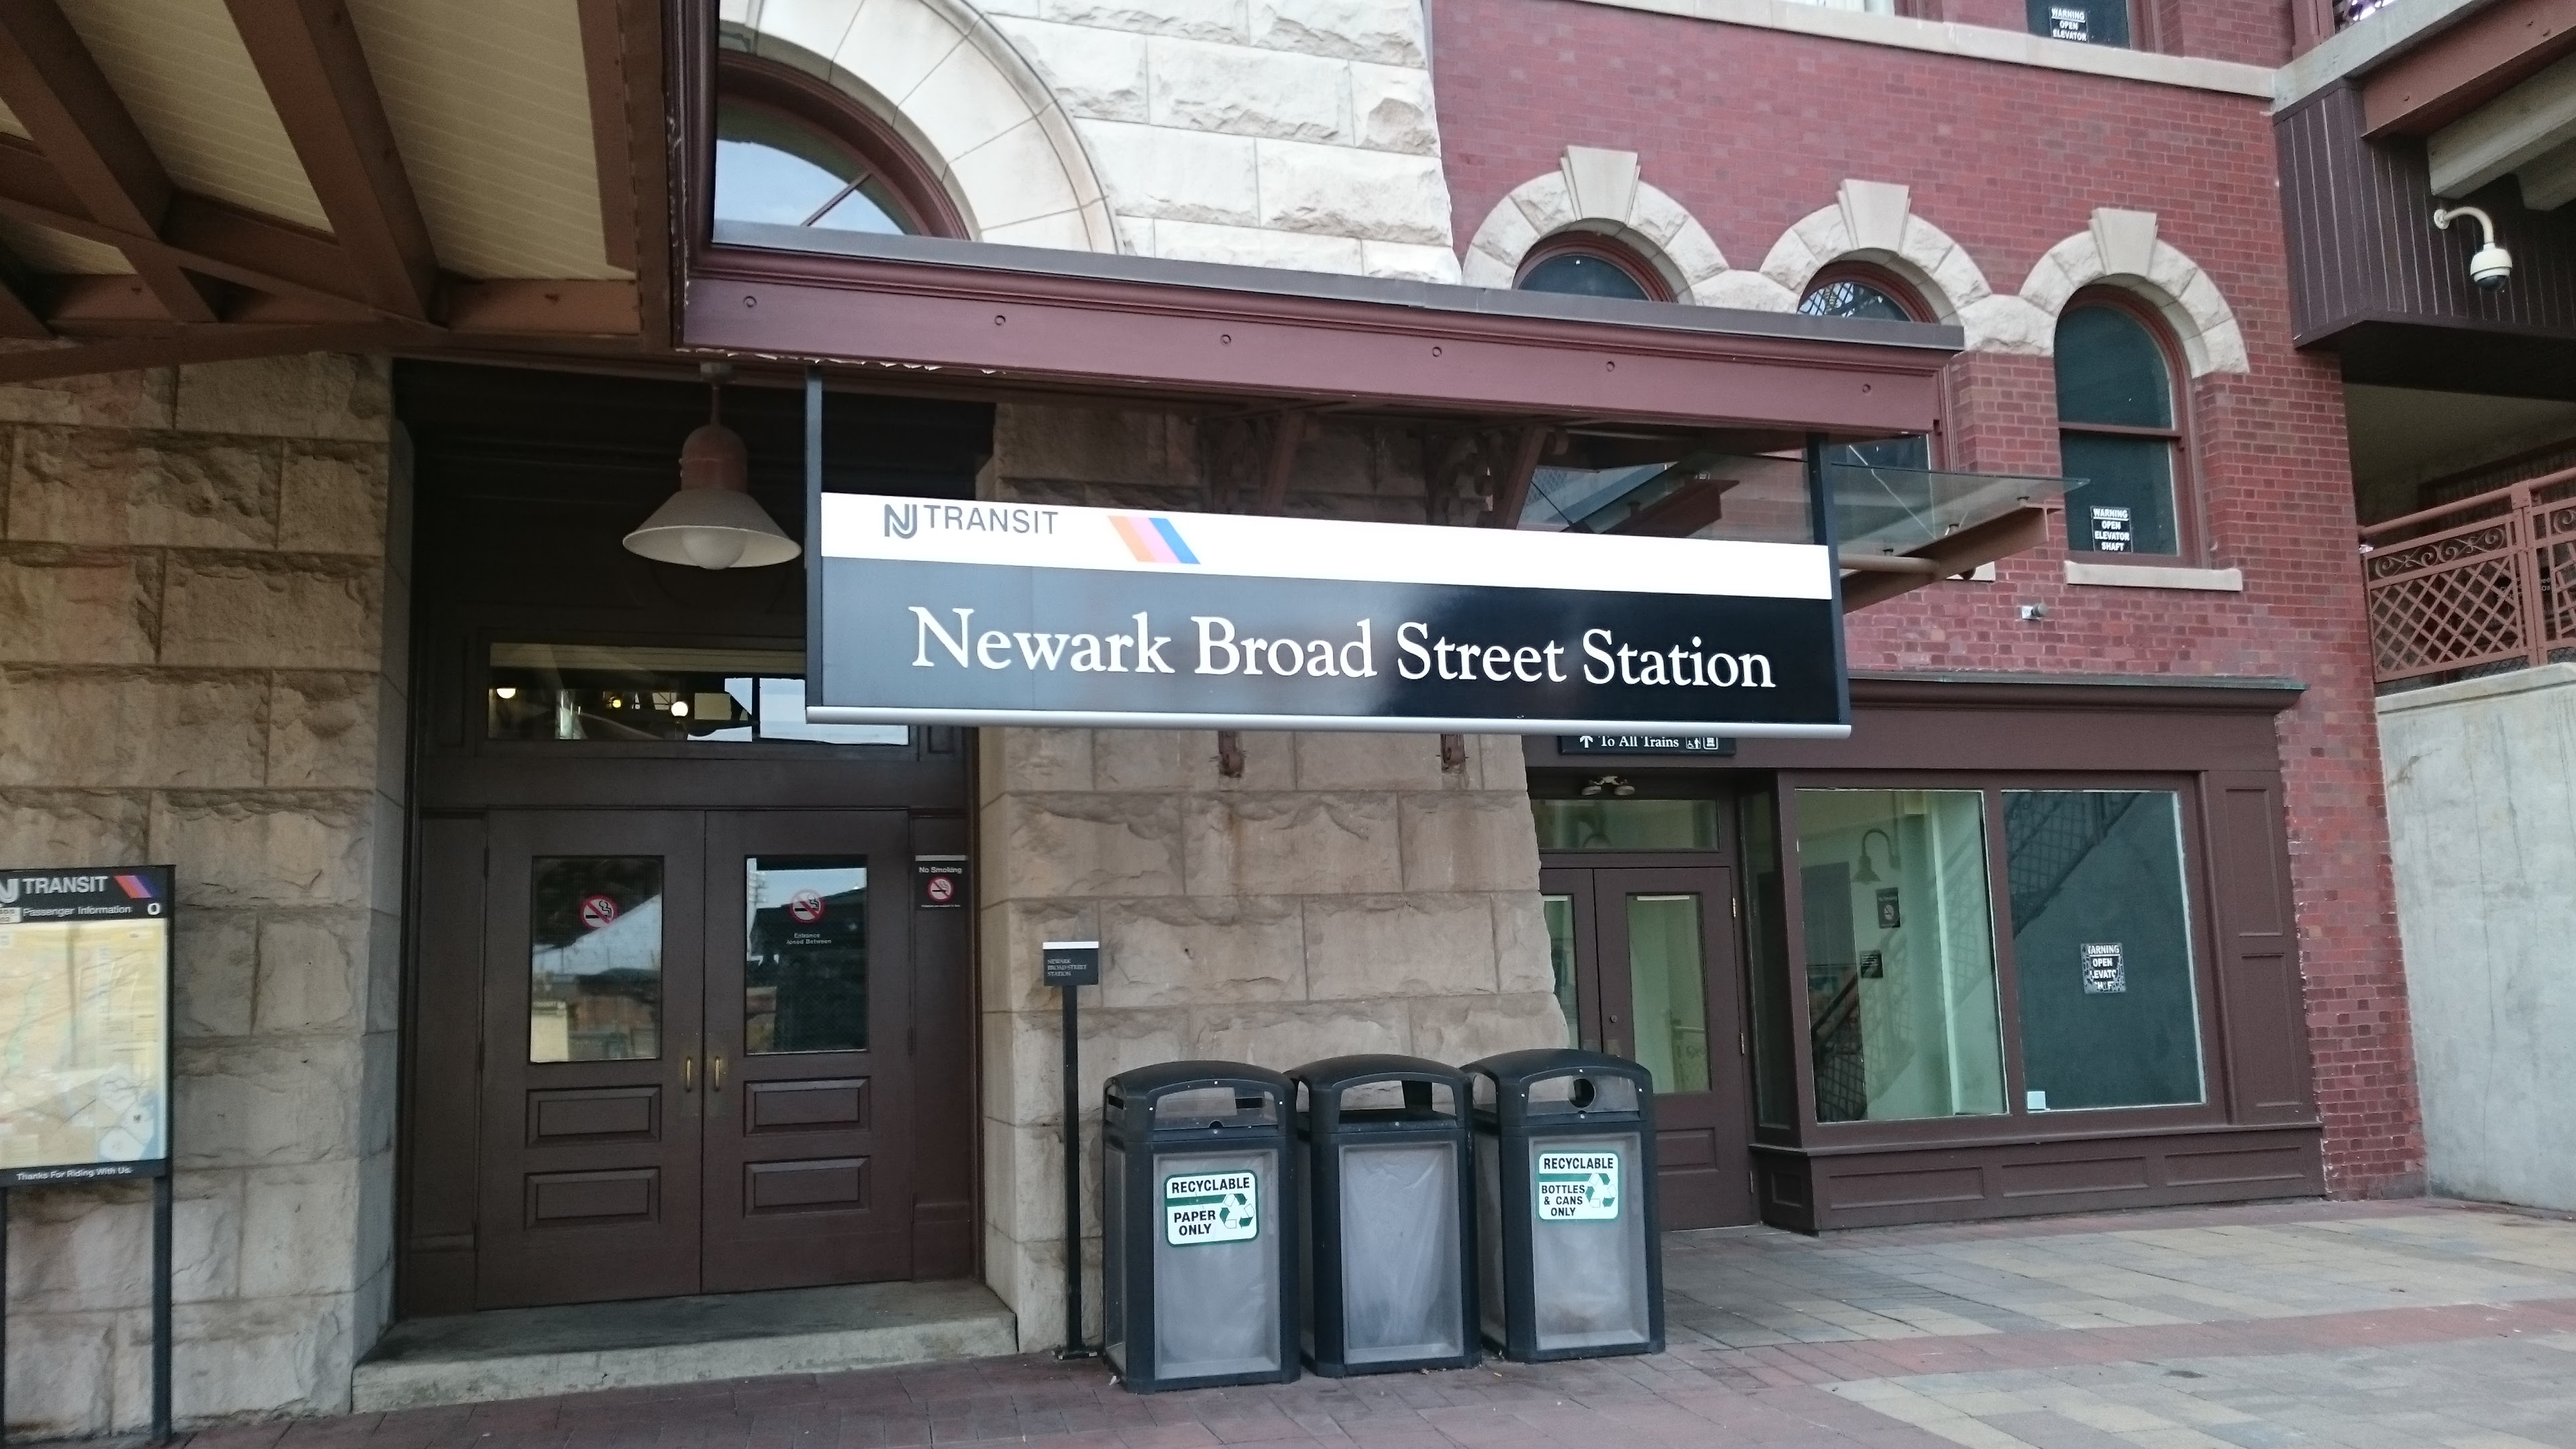 ニューアークブロードストリート駅